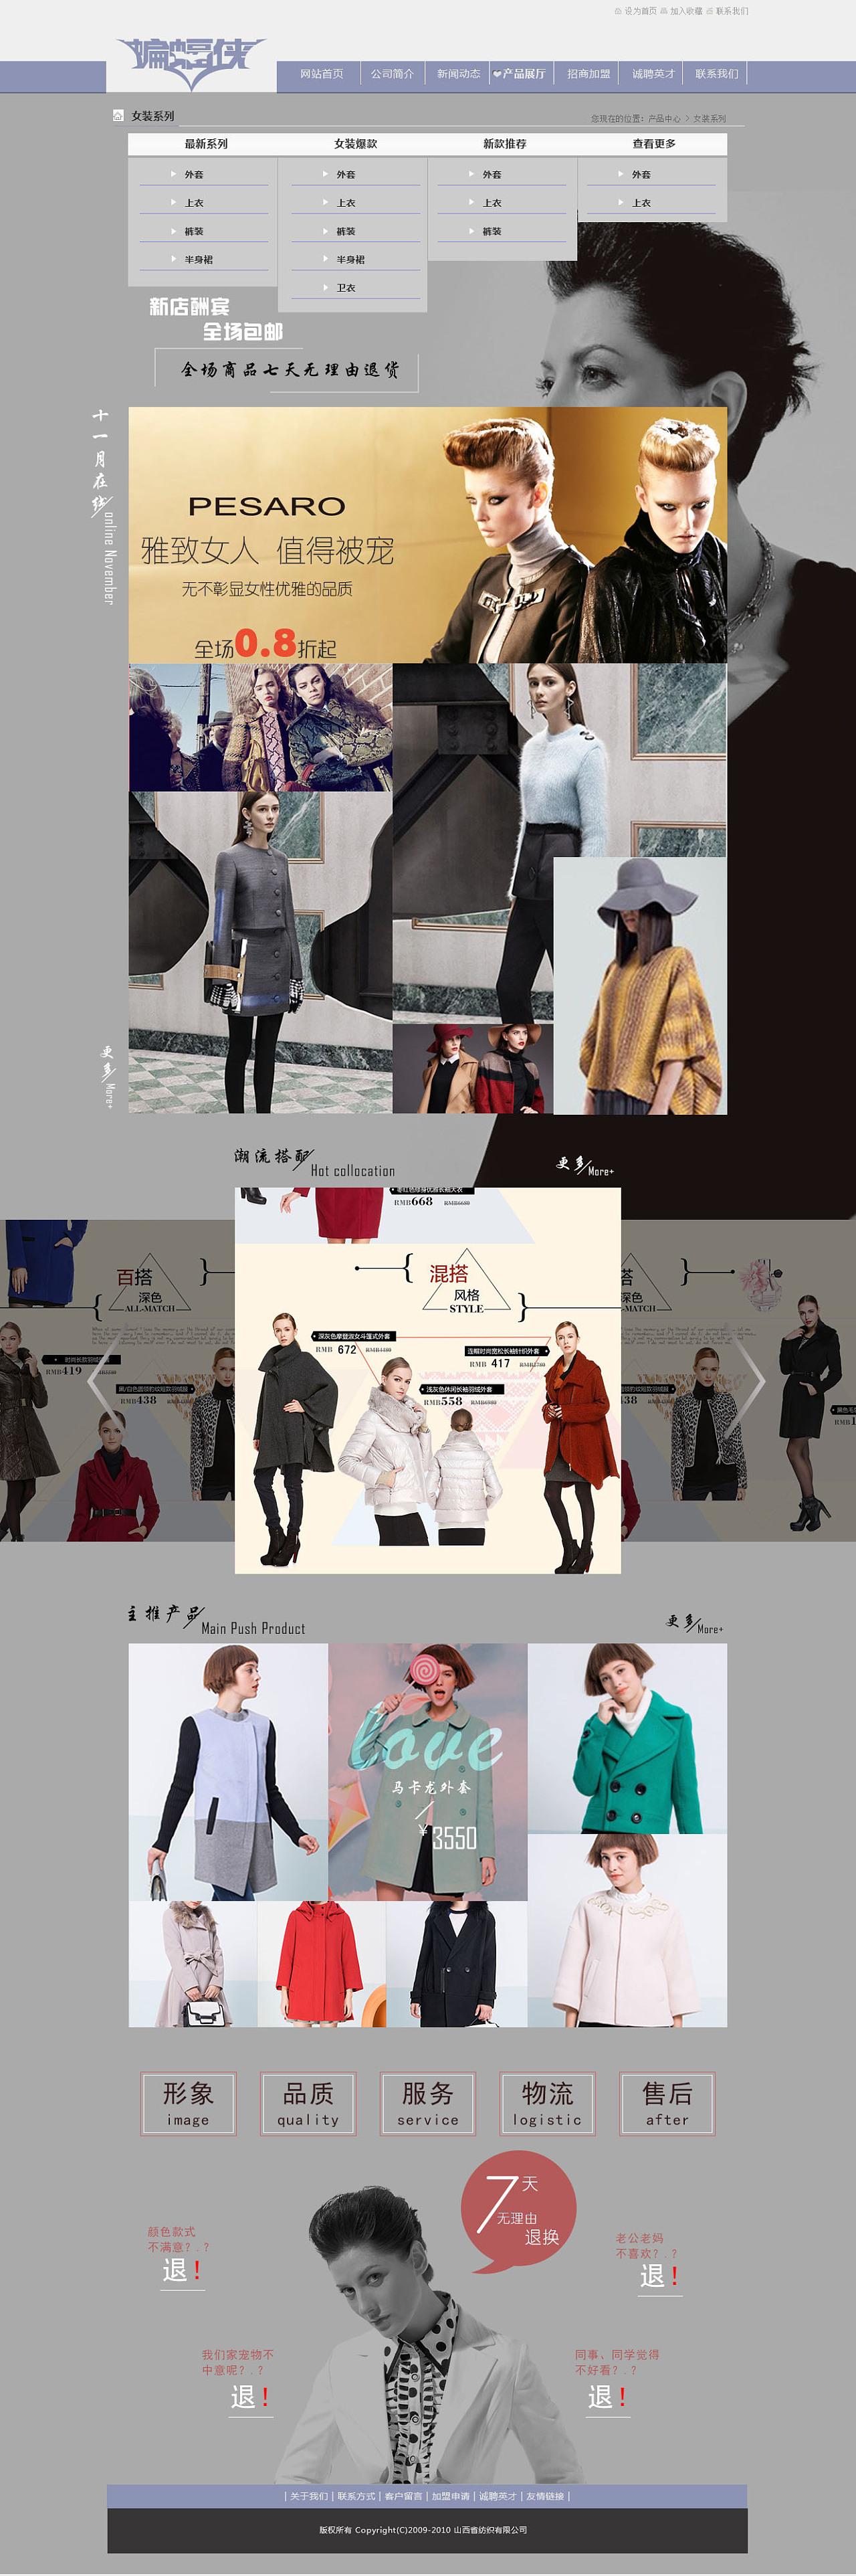 服装类网站排版图片